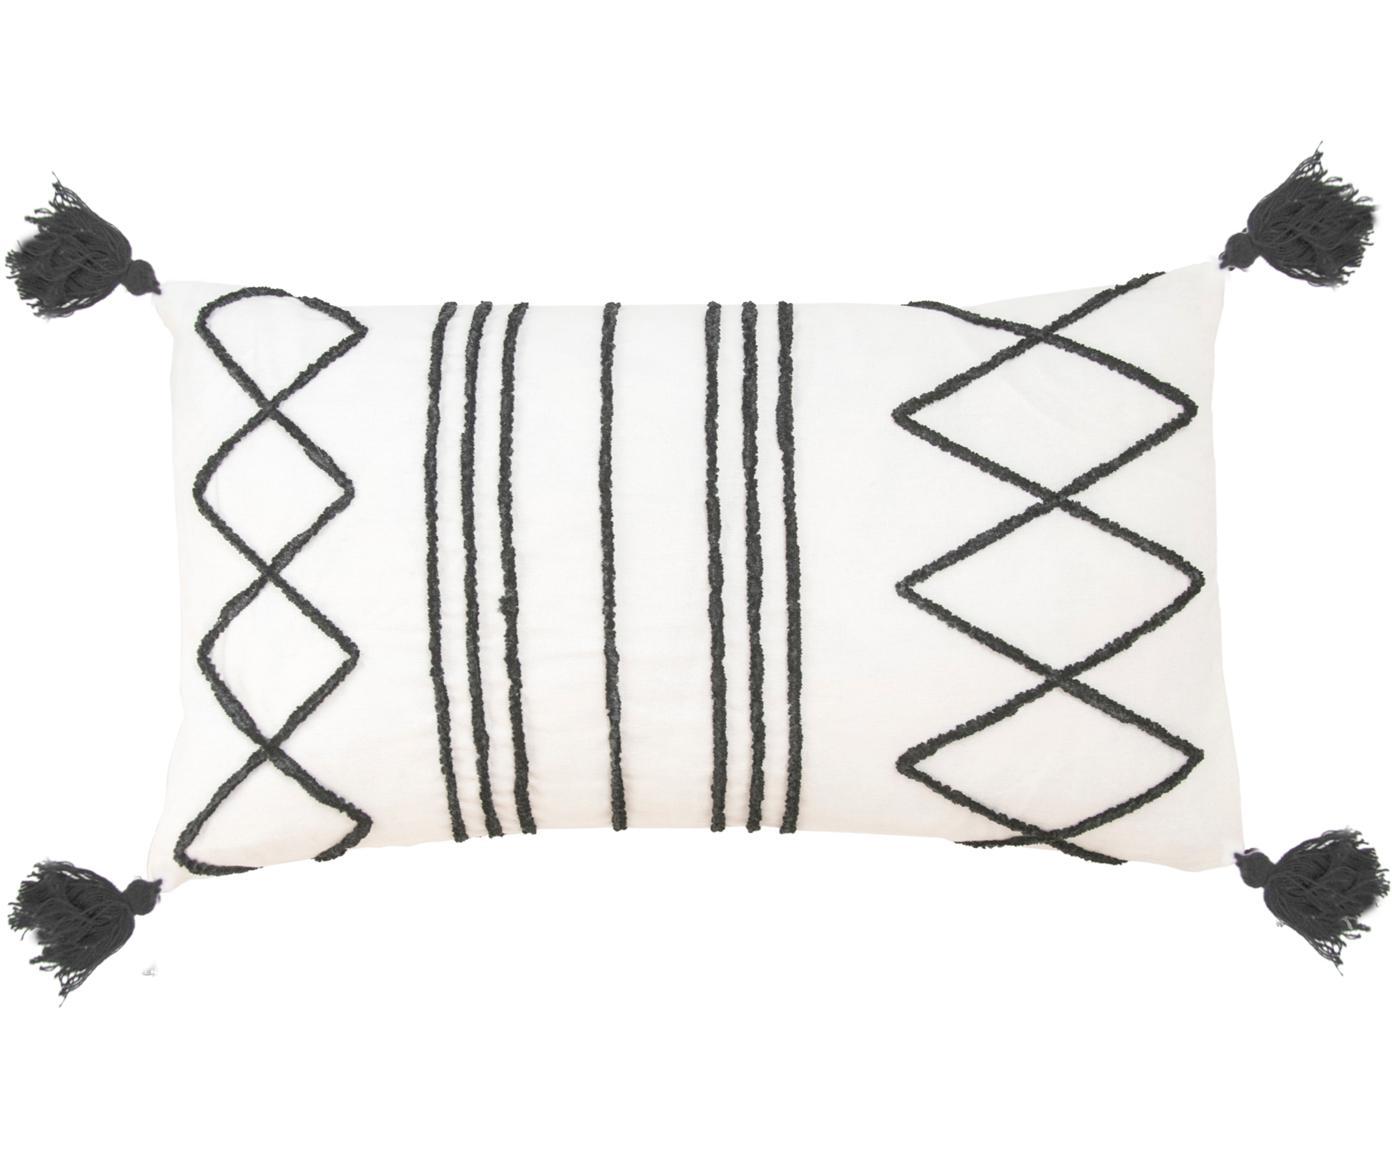 Kissenhülle Istanbul mit Hoch-Tief-Muster aus Chenille und Quasten, 100% Baumwolle, Weiss, Schwarz, 30 x 50 cm